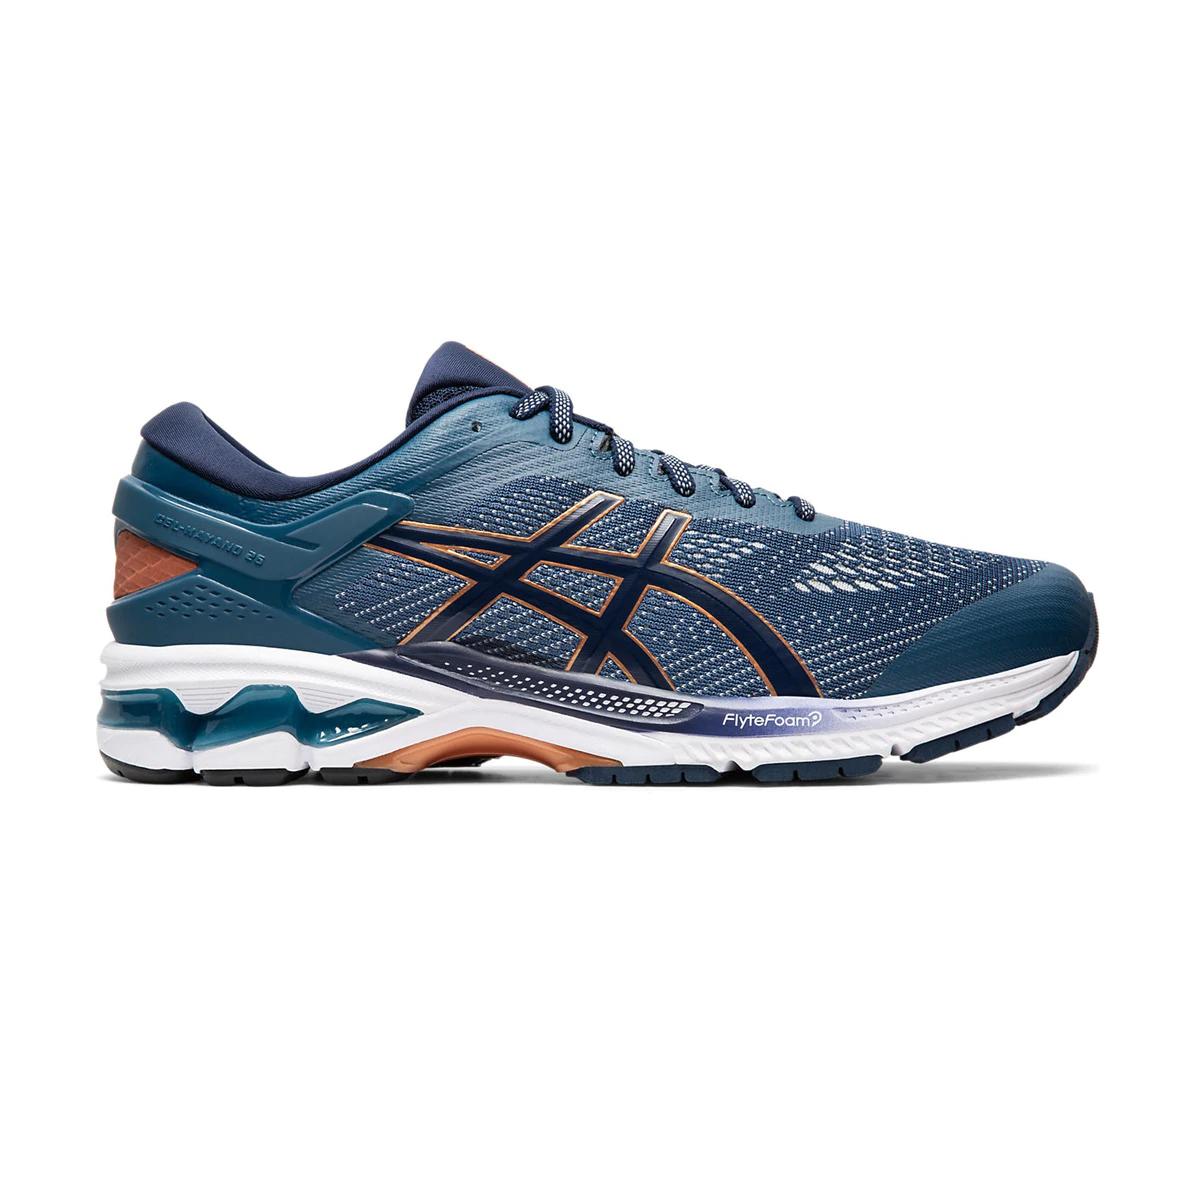 Zapatillas de running de hombre Gel-Kayano 26 Asics